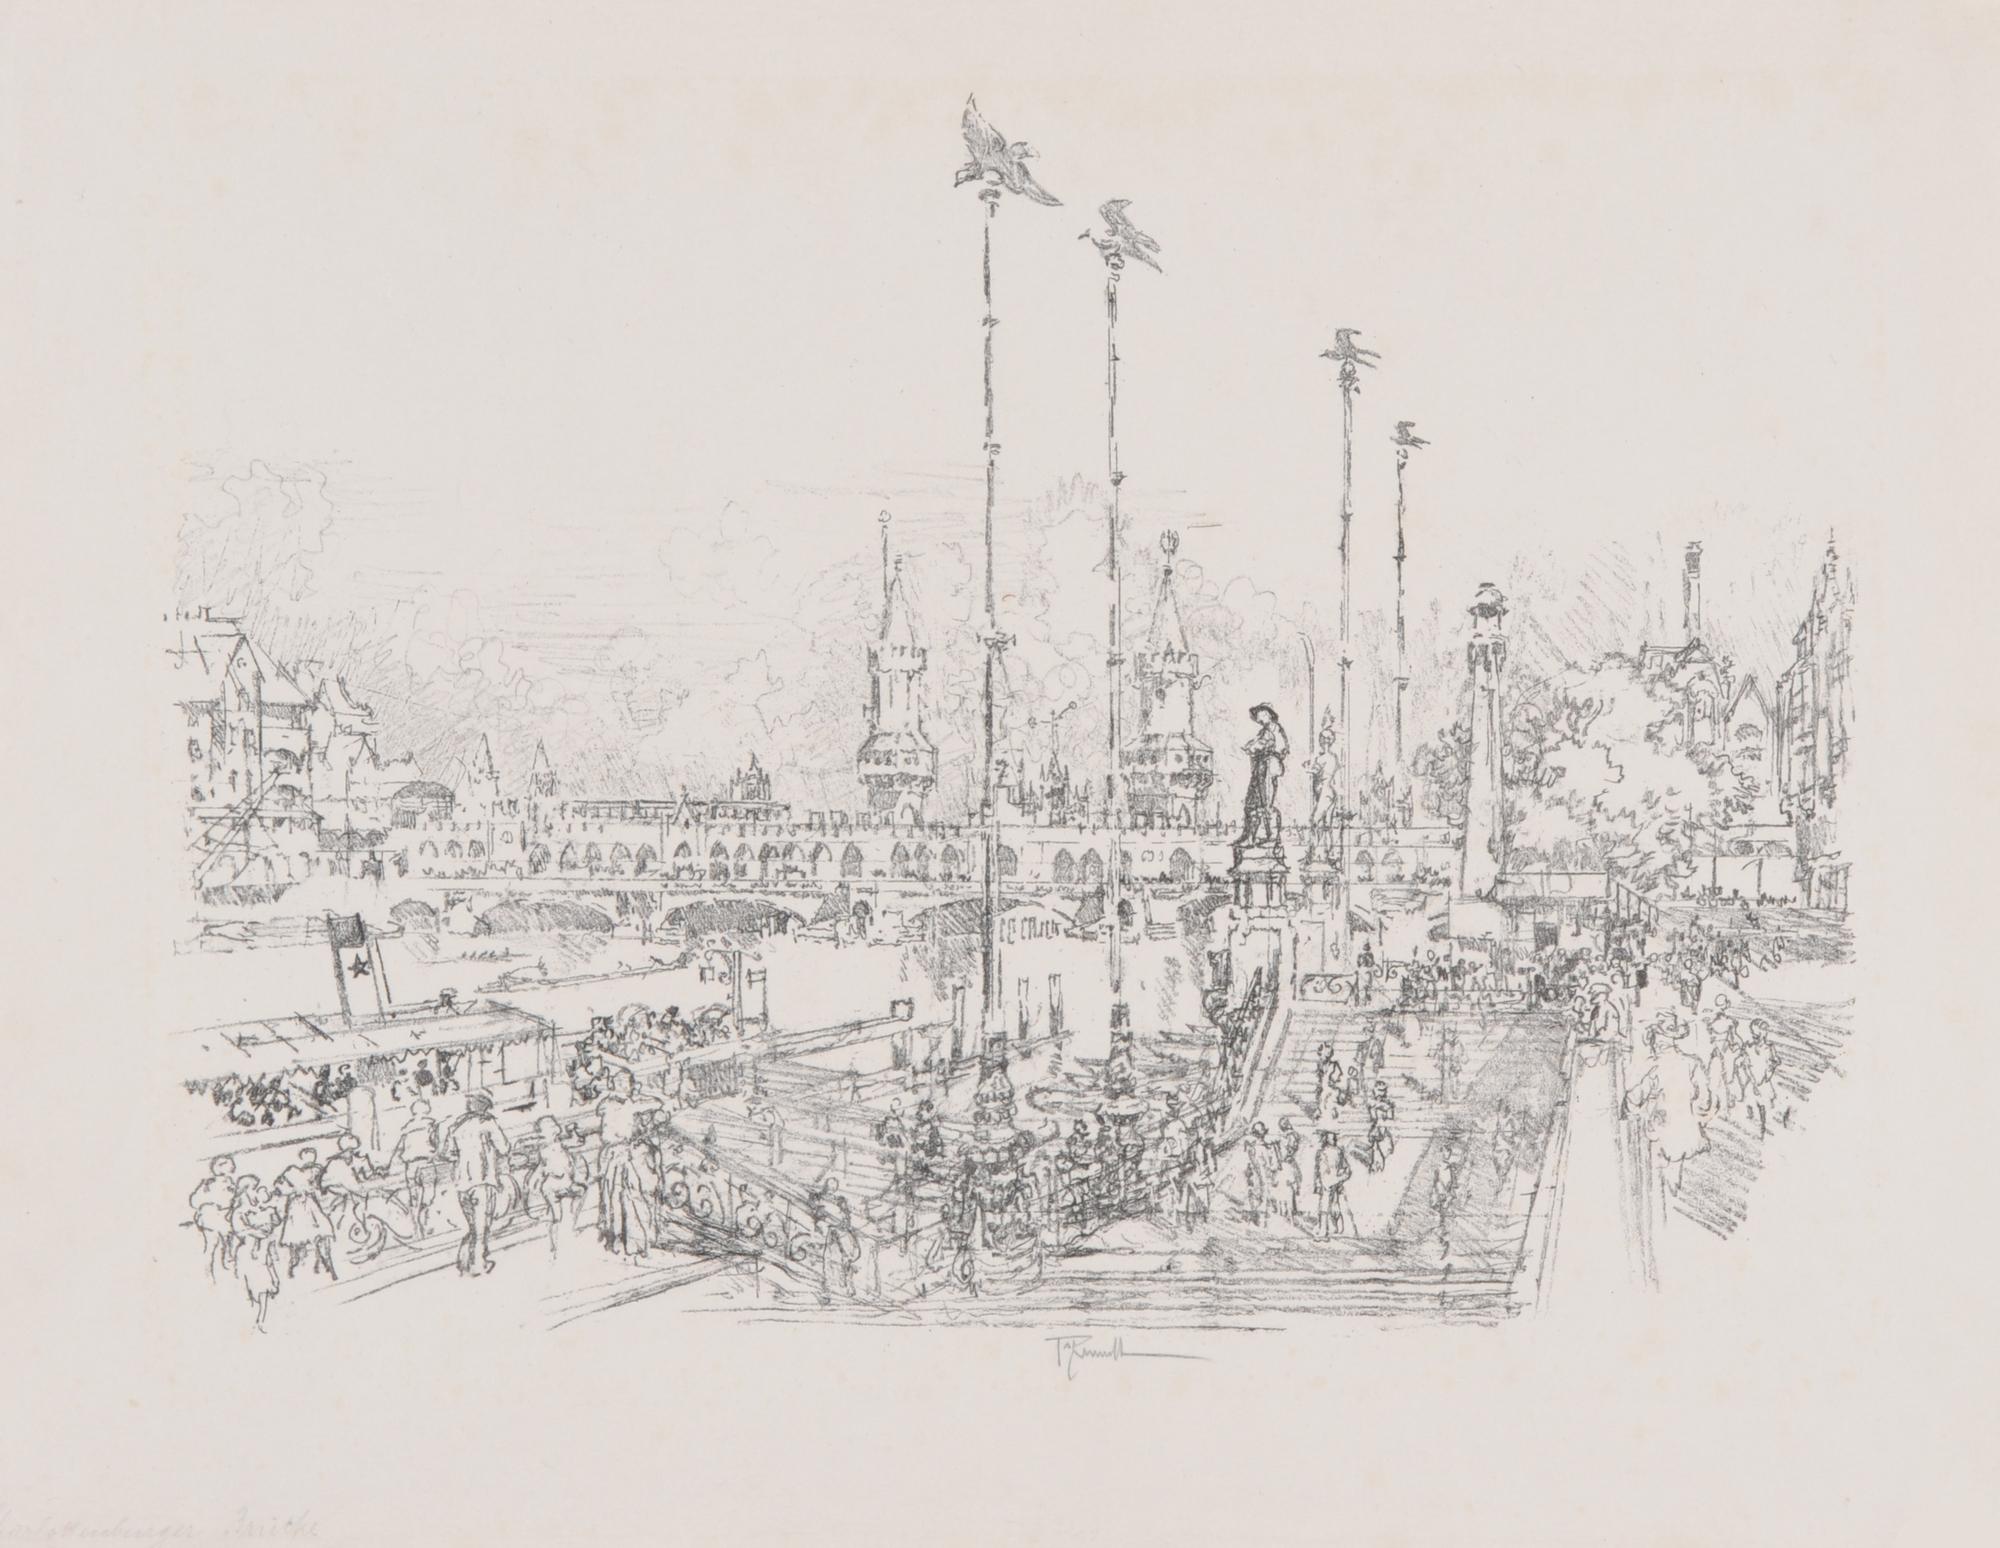 Pennel Joseph, 3 sheets: Charlottenburger Brücke; Wertheim Berlin; A&G Einfahrt